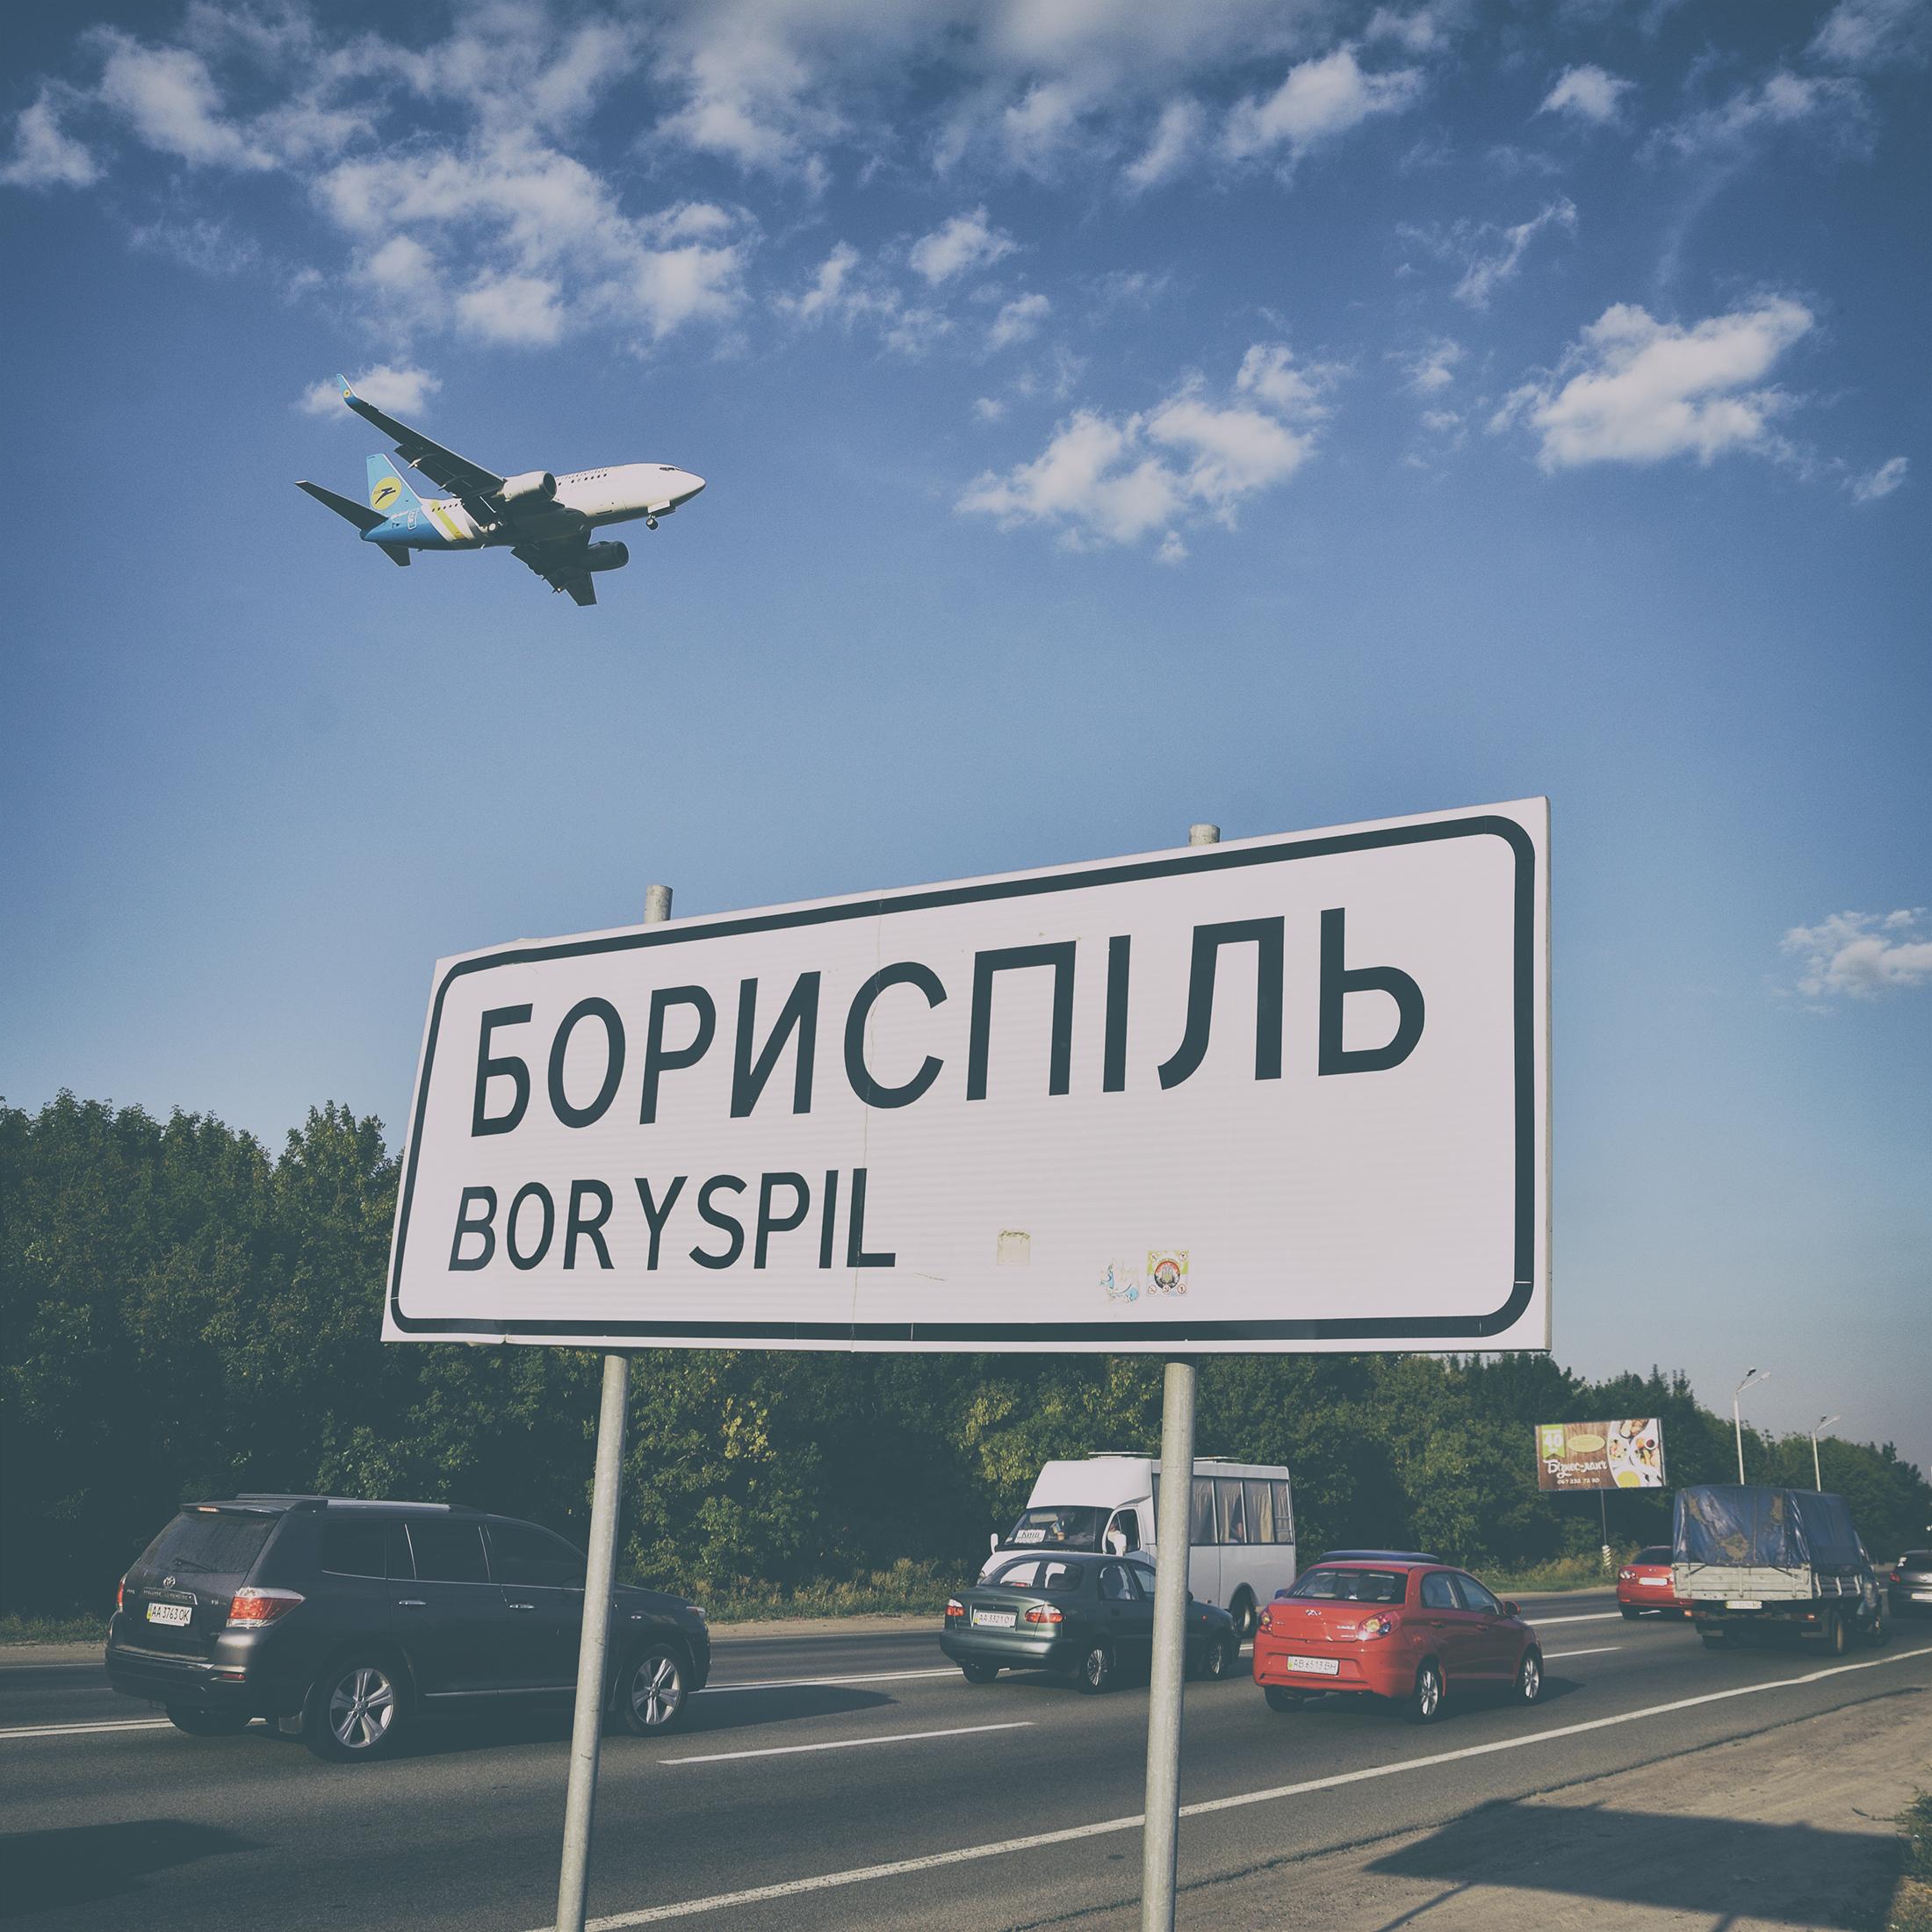 Таможенные правила Украины: чего не стоит везти из отпуска